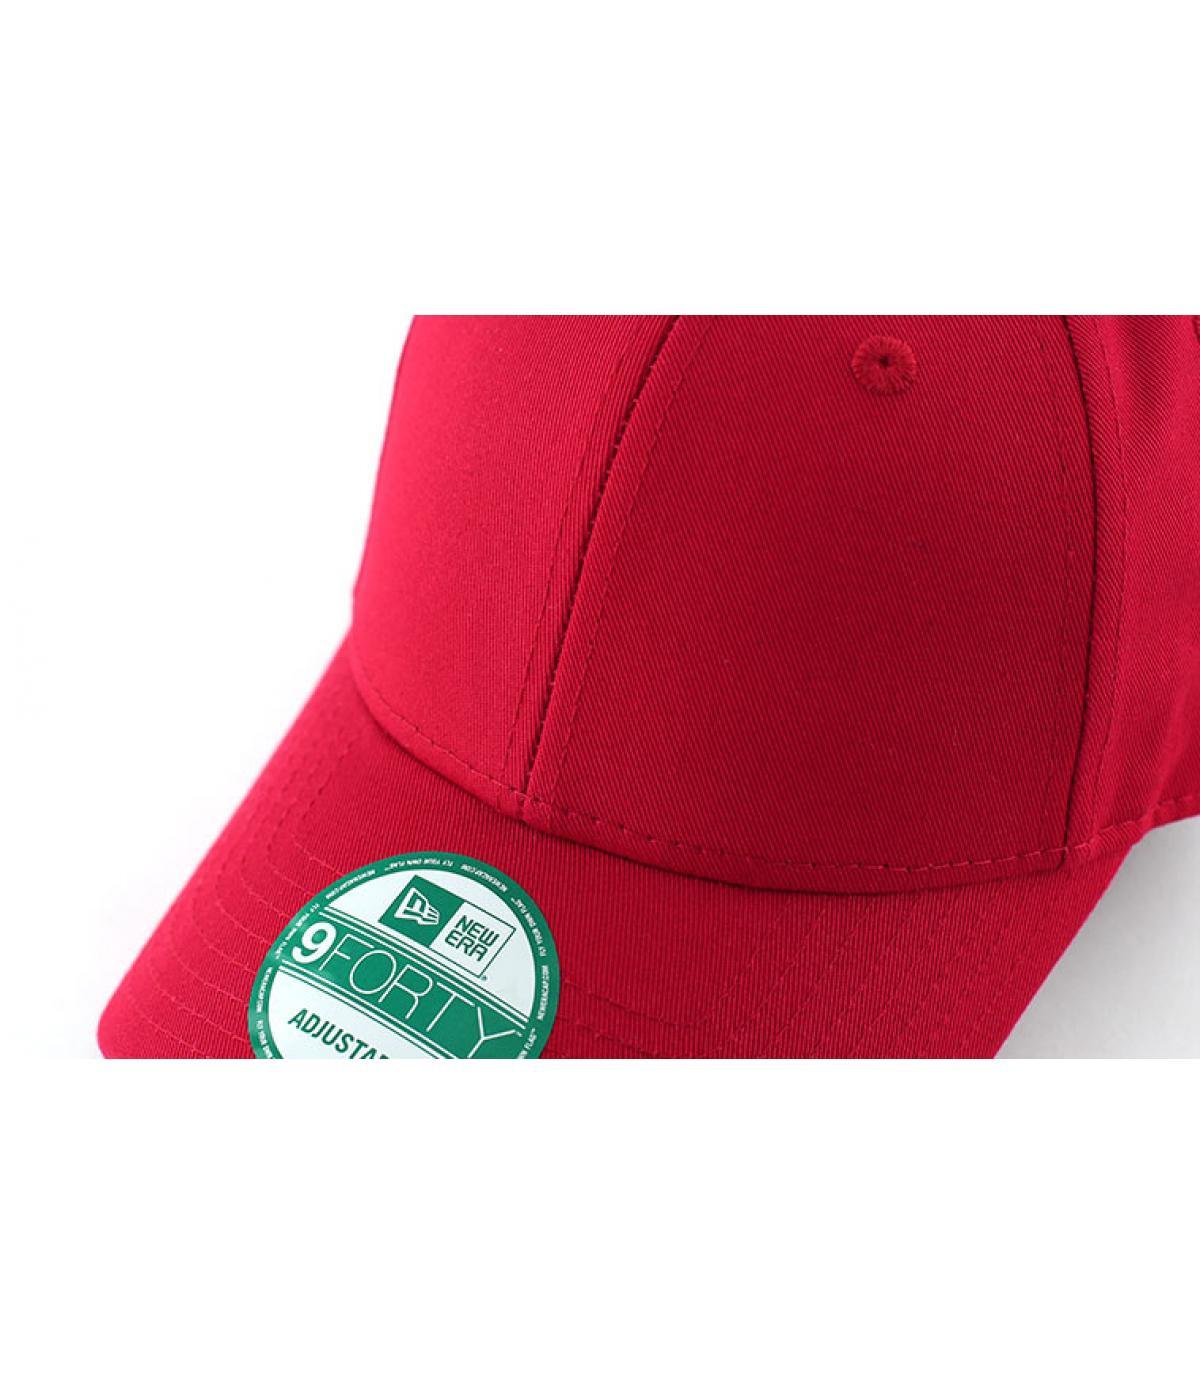 Details NE cap  basic red - afbeeling 2